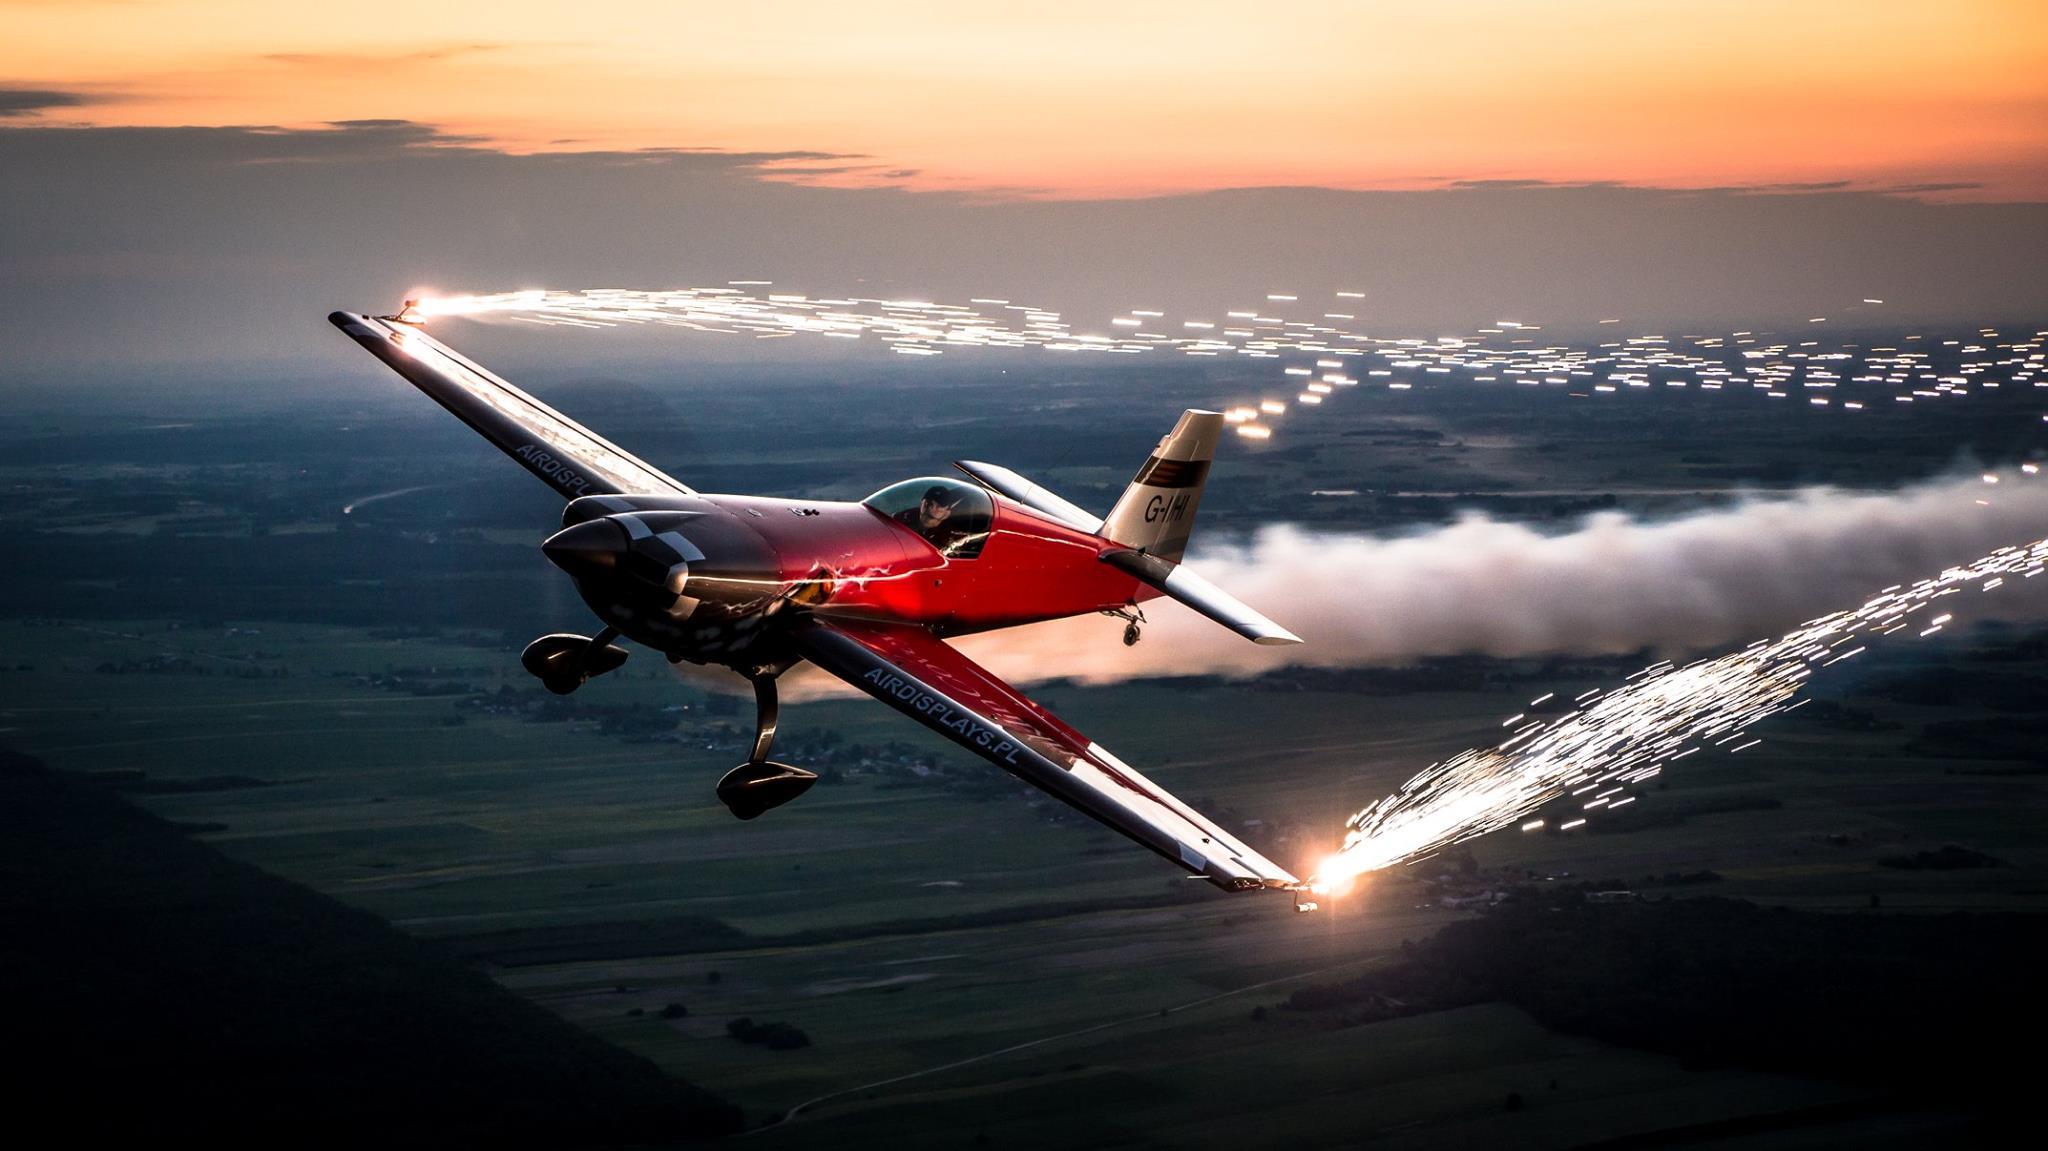 Poznań Air Show – Międzynarodowe Pokazy Lotnicze... 2 dni ekstremalnych emocji